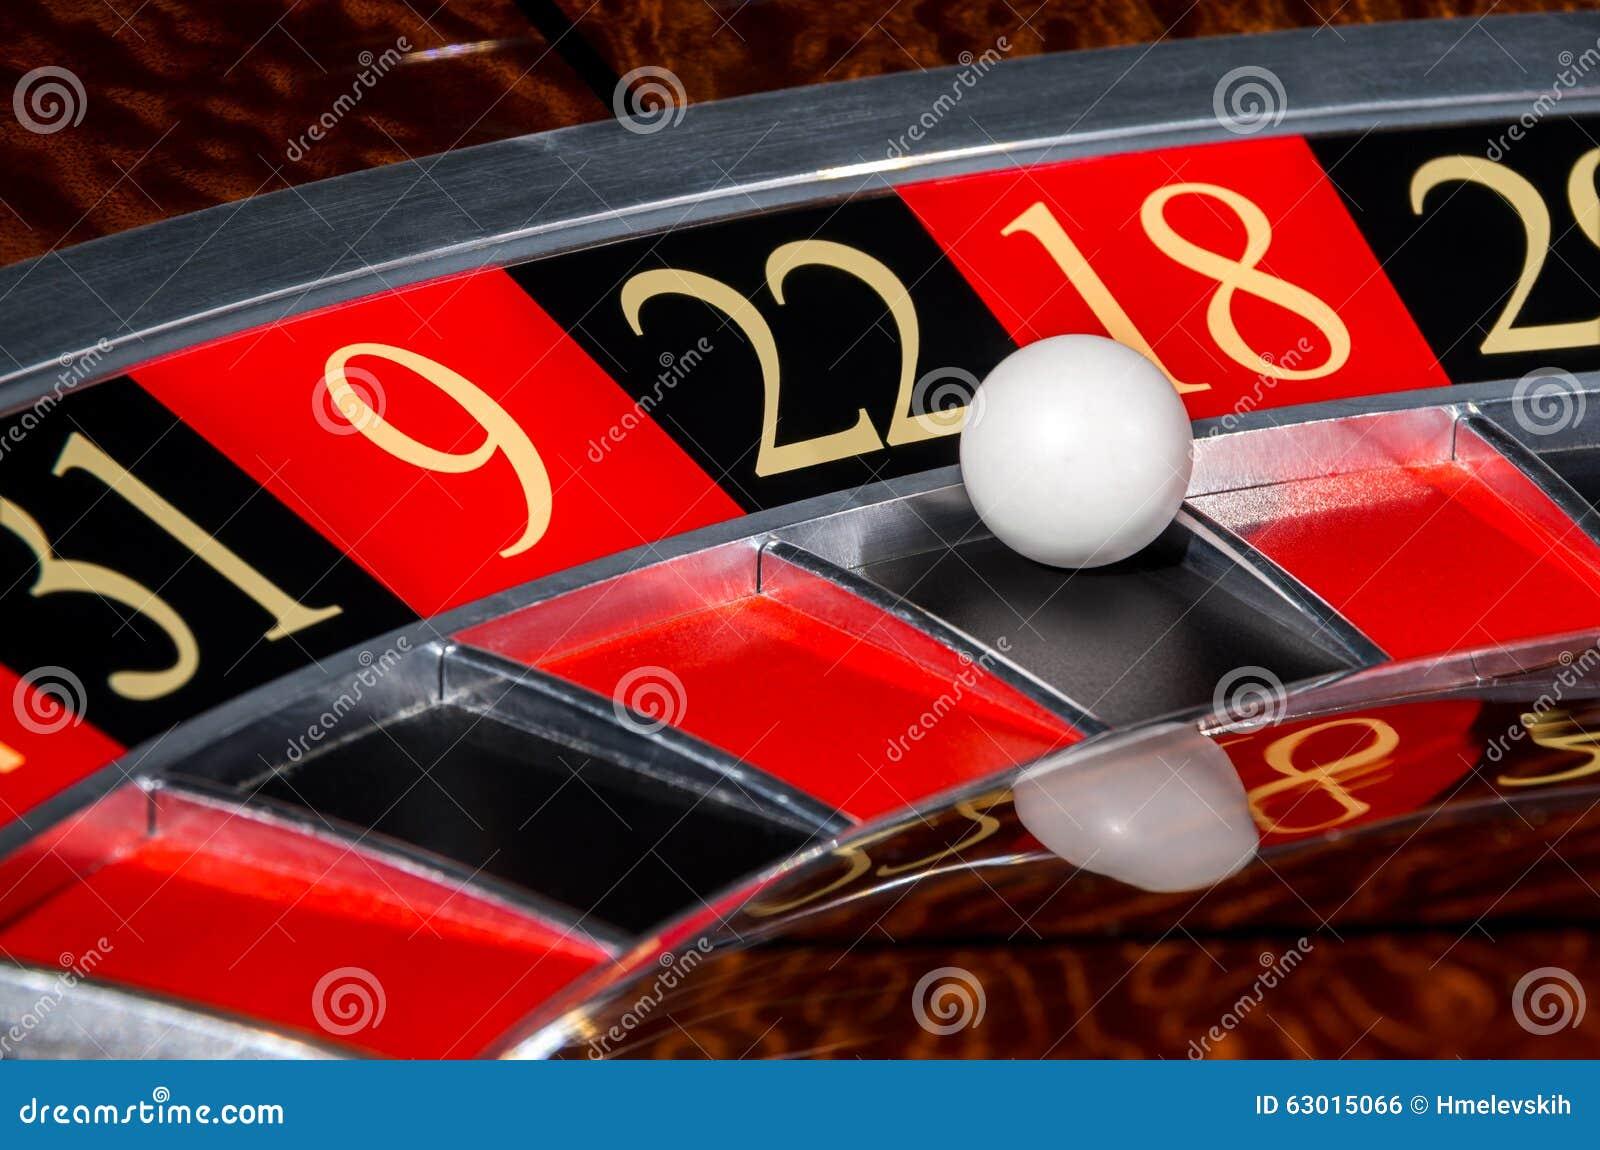 22 roulette